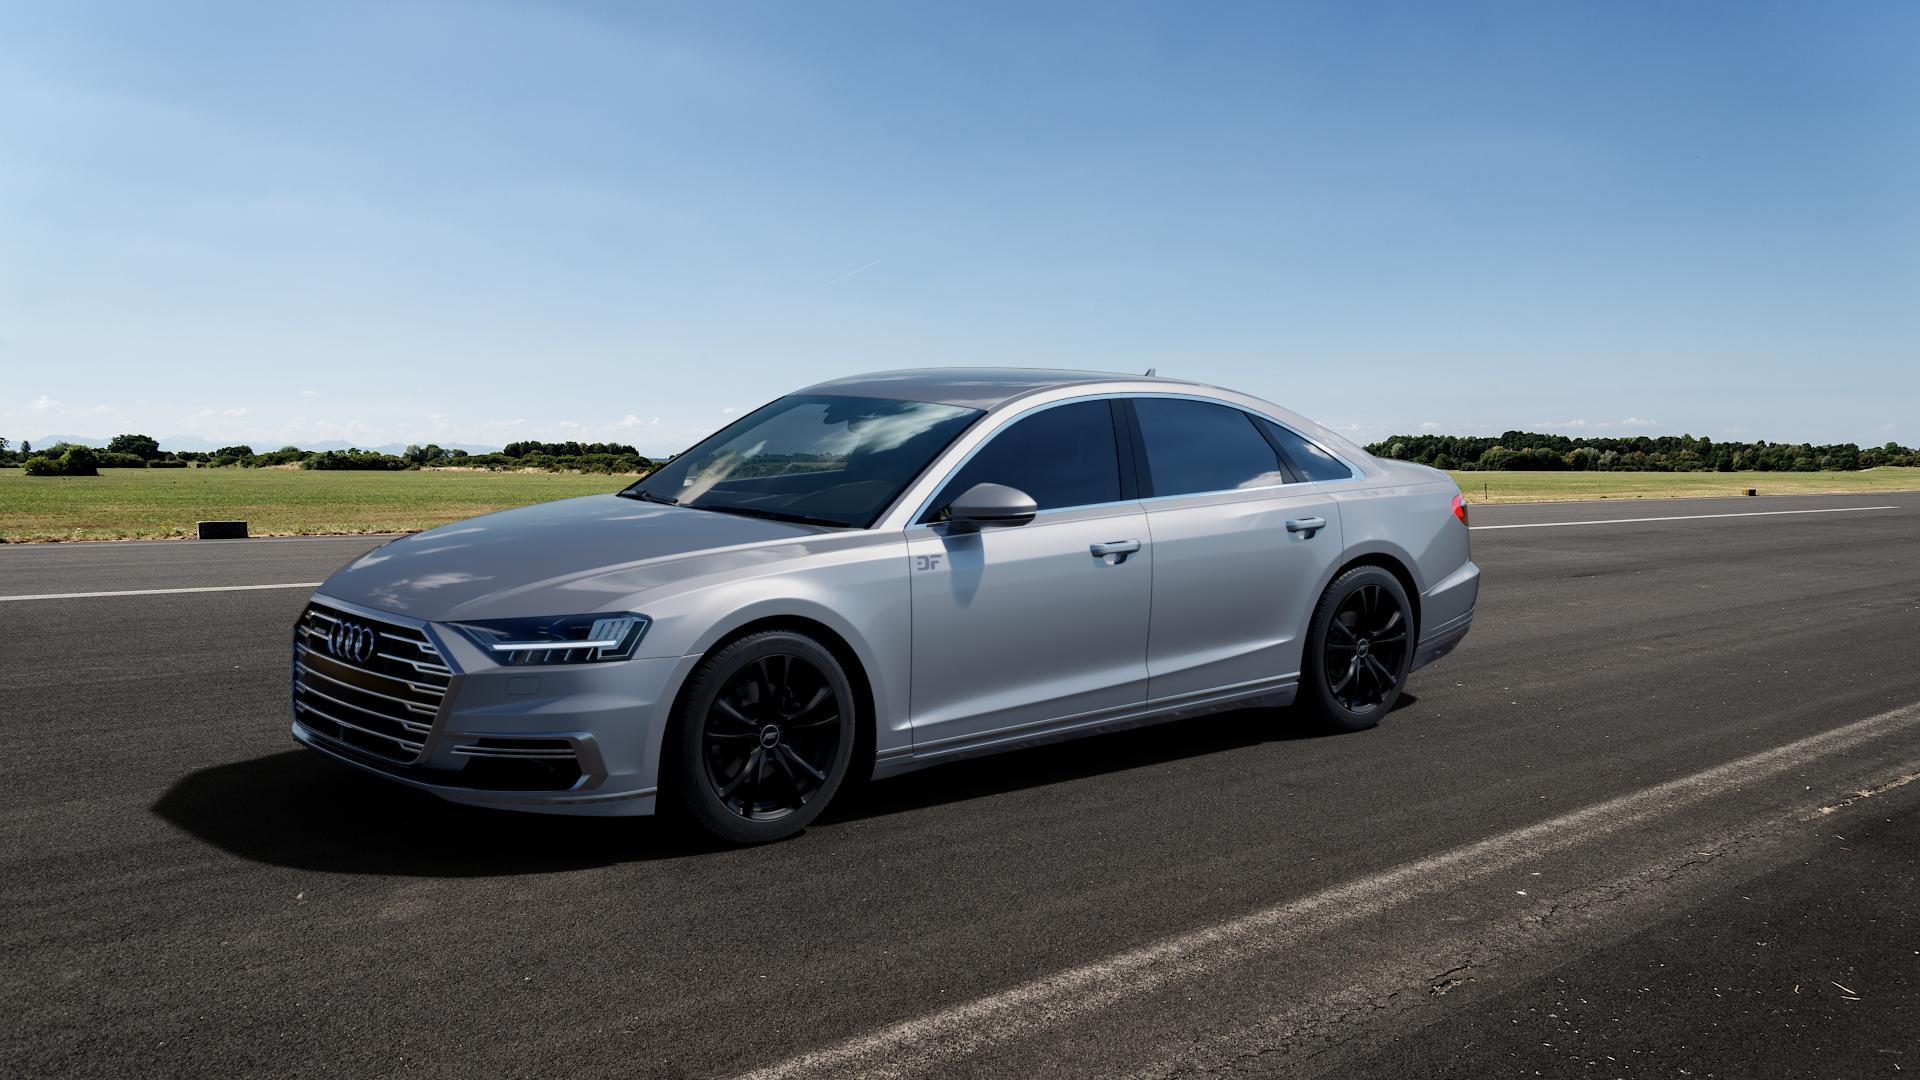 ABT Sportsline ER-C Matt black Felge mit Reifen schwarz in 19Zoll Winterfelge Alufelge auf silbernem Audi A8 Typ D5/F8 3,0l 60 TFSI e quattro 250kW (340 PS) Hybrid 4,0l 338kW (460 420kW S8 (571 TDI 210kW (286 320kW (435 ⬇️ mit 15mm Tieferlegung ⬇️ Big_Vehicle_Airstrip_1 Frontansicht_1